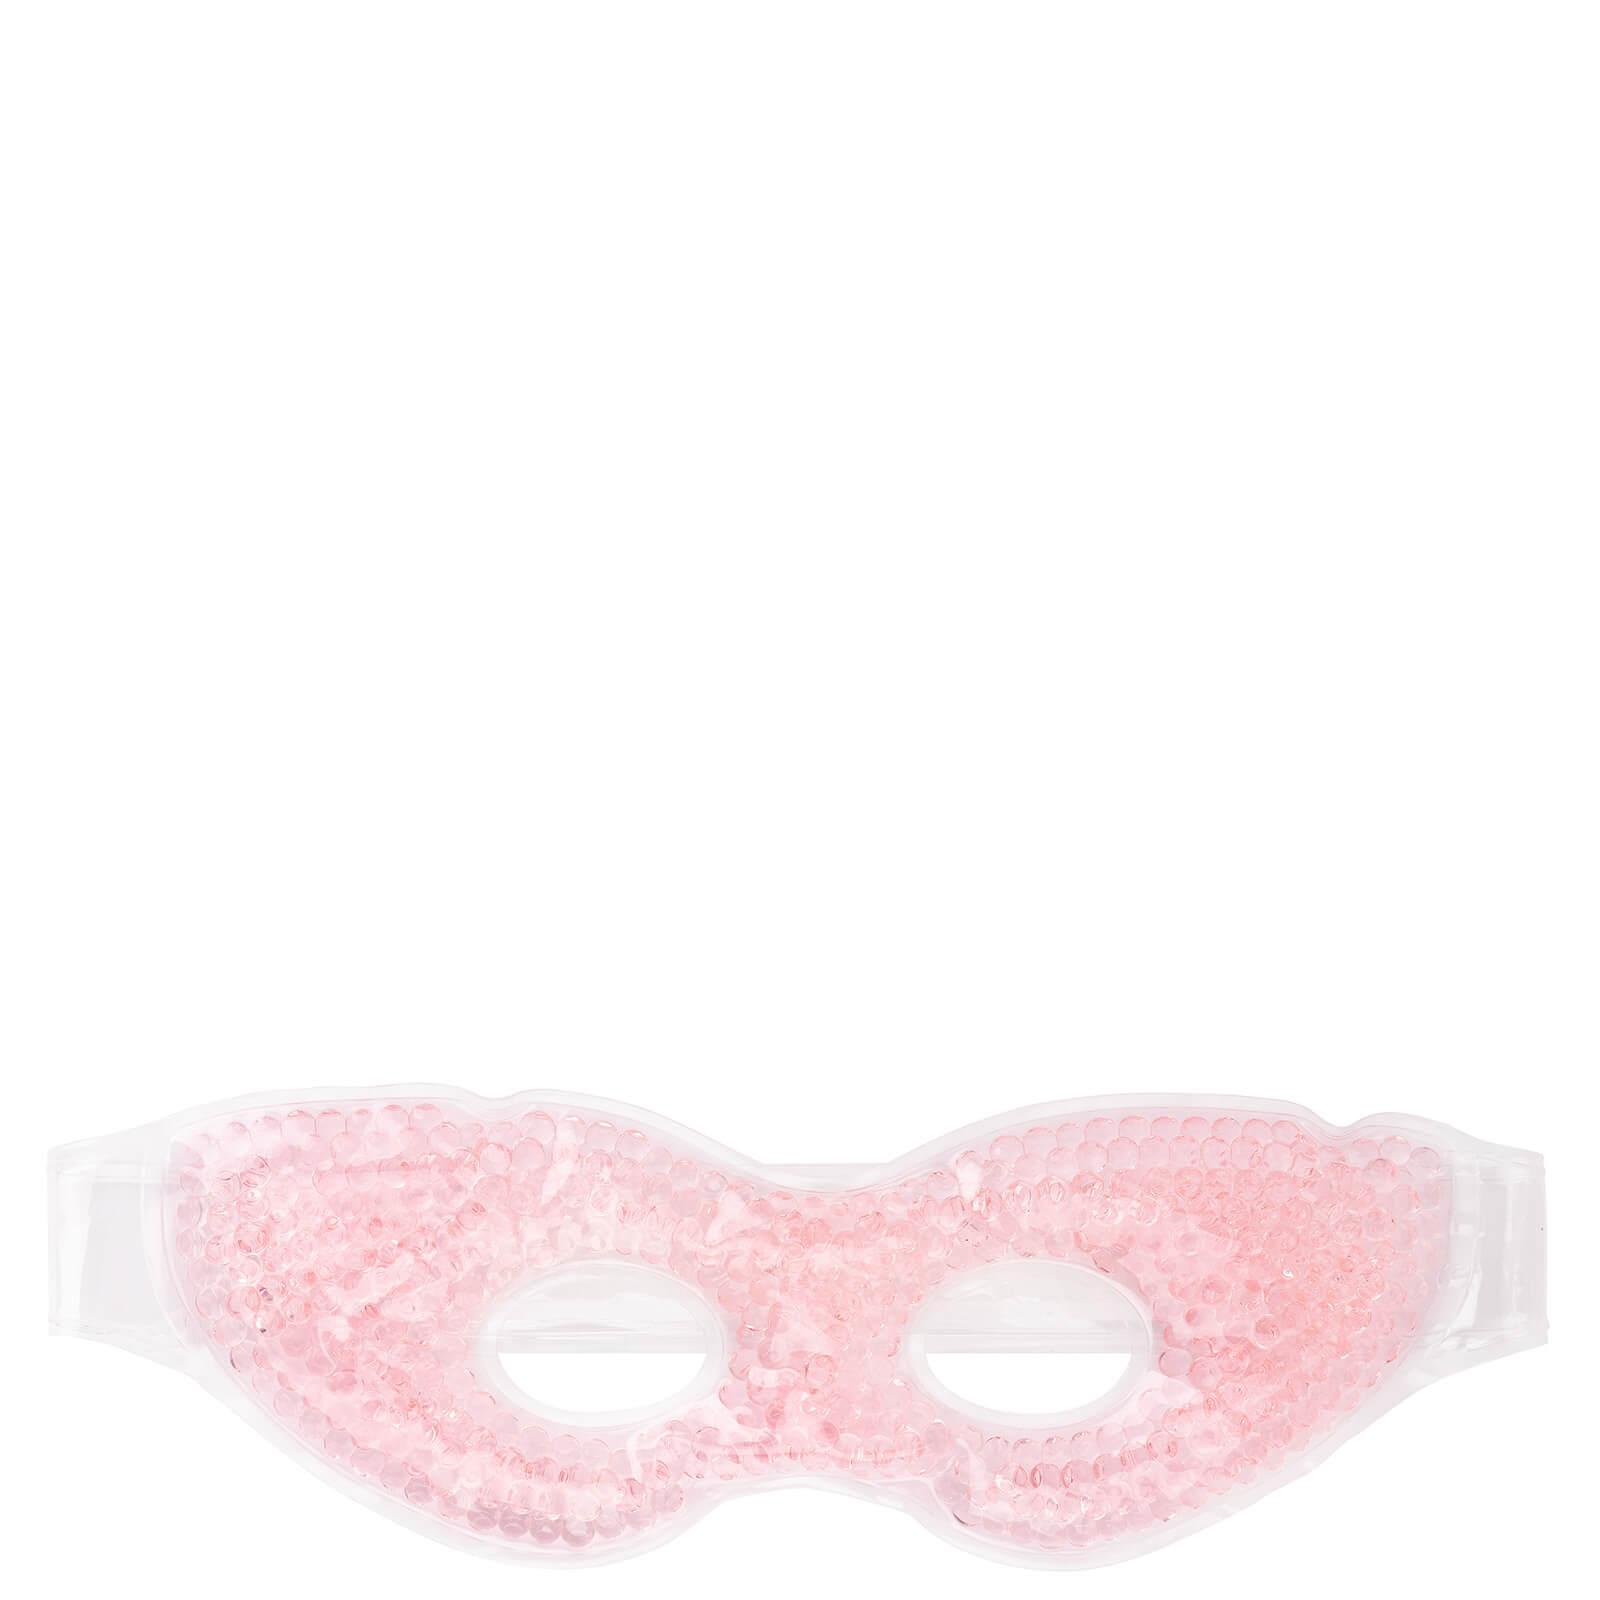 Купить Гелевая маска для глаз brushworks Spa Gel Eye Mask